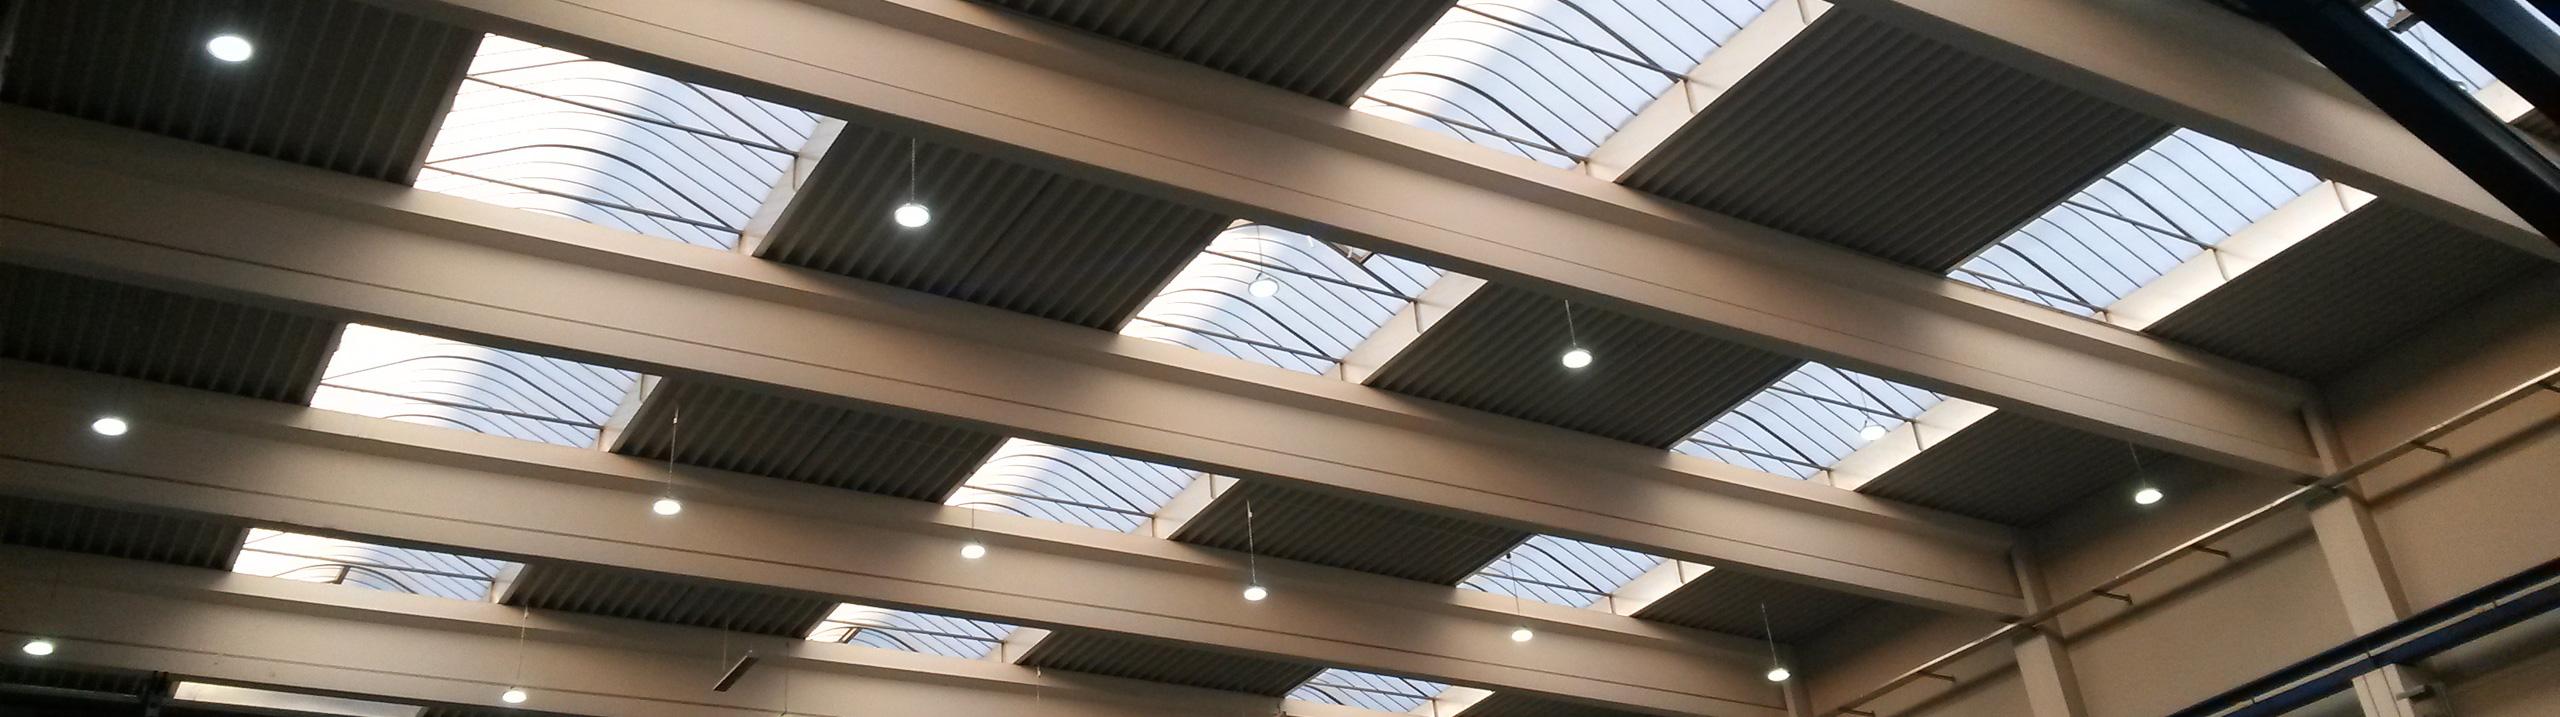 Referenzen protec ENERGYPLUS GmbH - Professionelle Lichttechnik für Industrie, Gewerbe und Kommunen